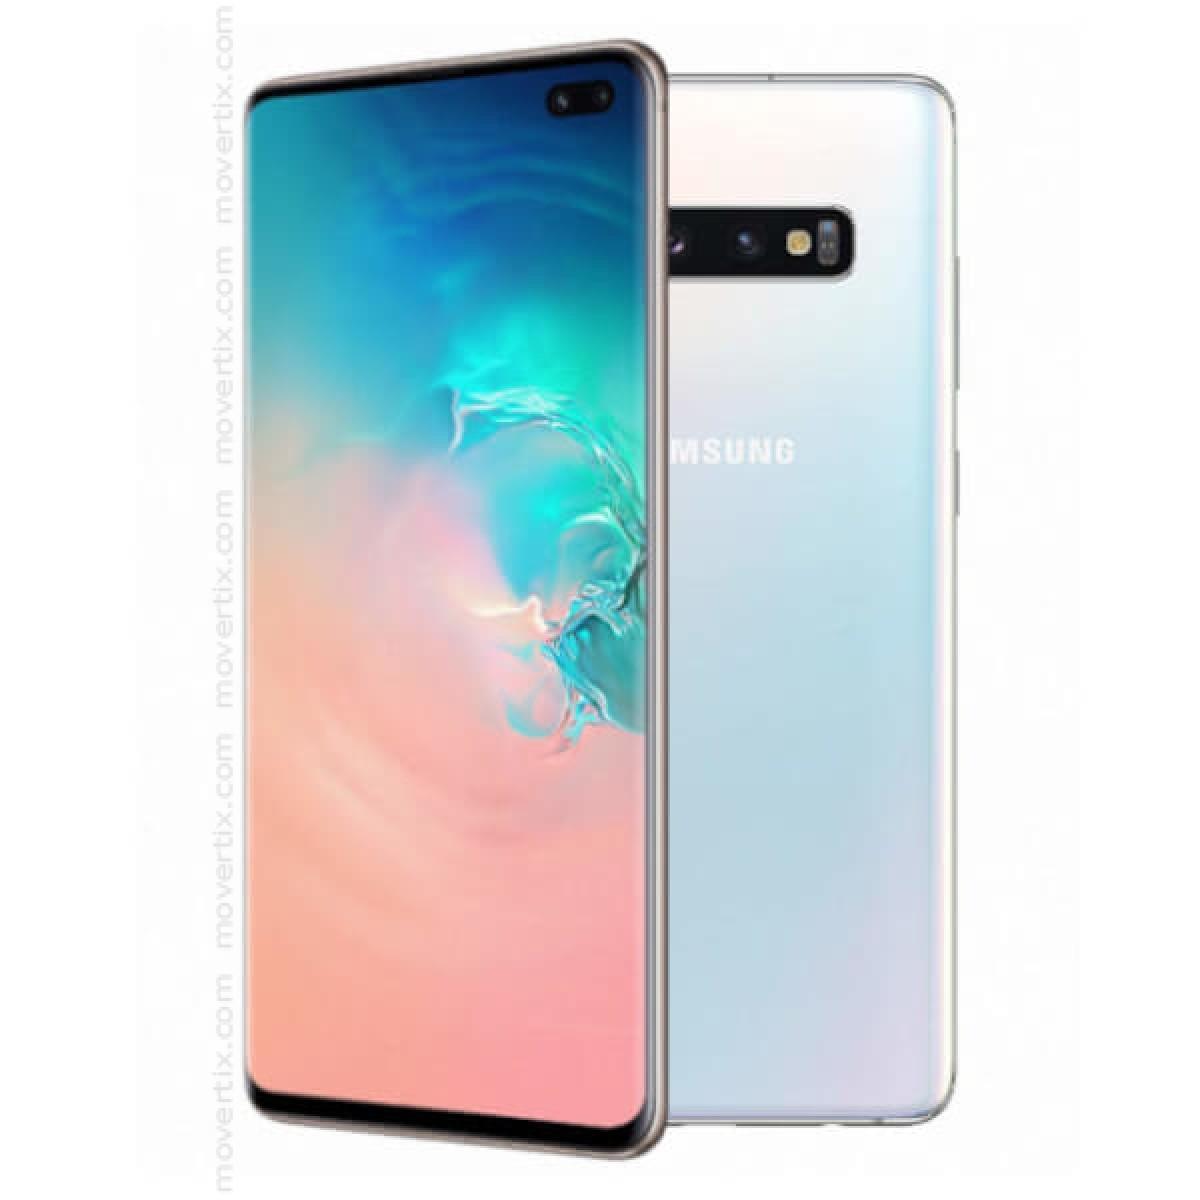 8bf4640b98c Samsung Galaxy S10 Plus Dual SIM Prism White 128GB and 8GB RAM - SM ...